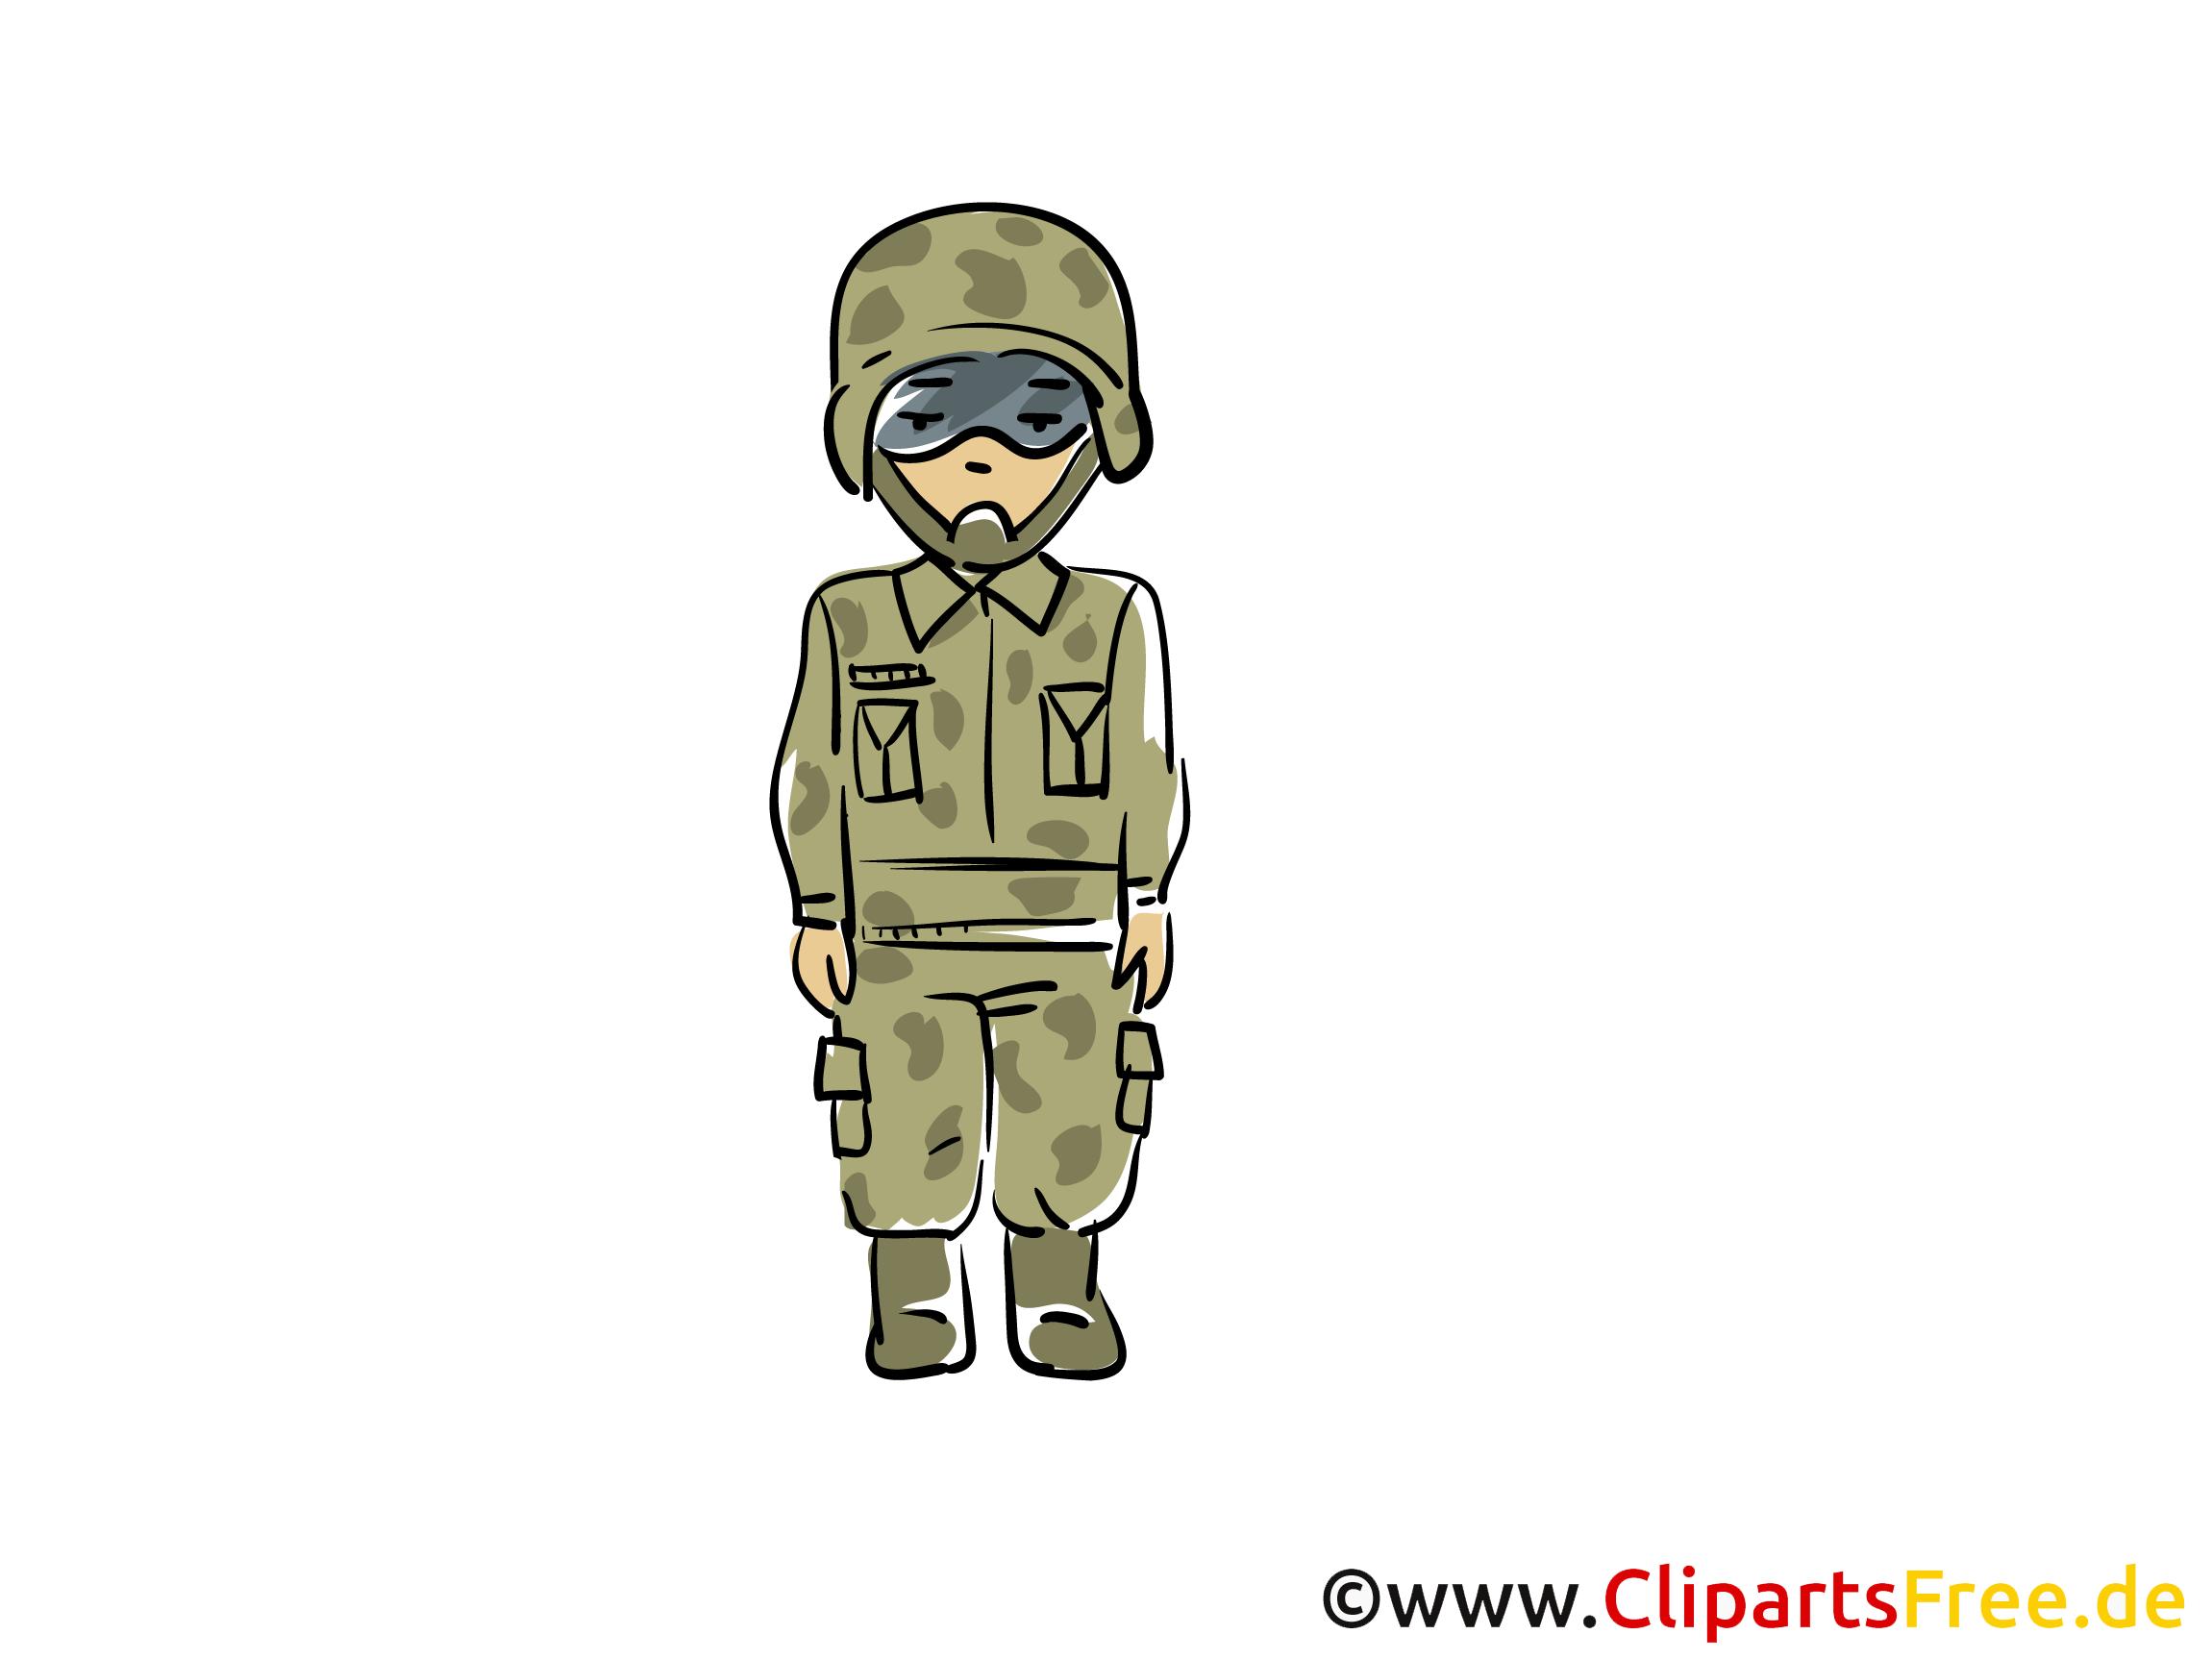 Clipart Militär gratis